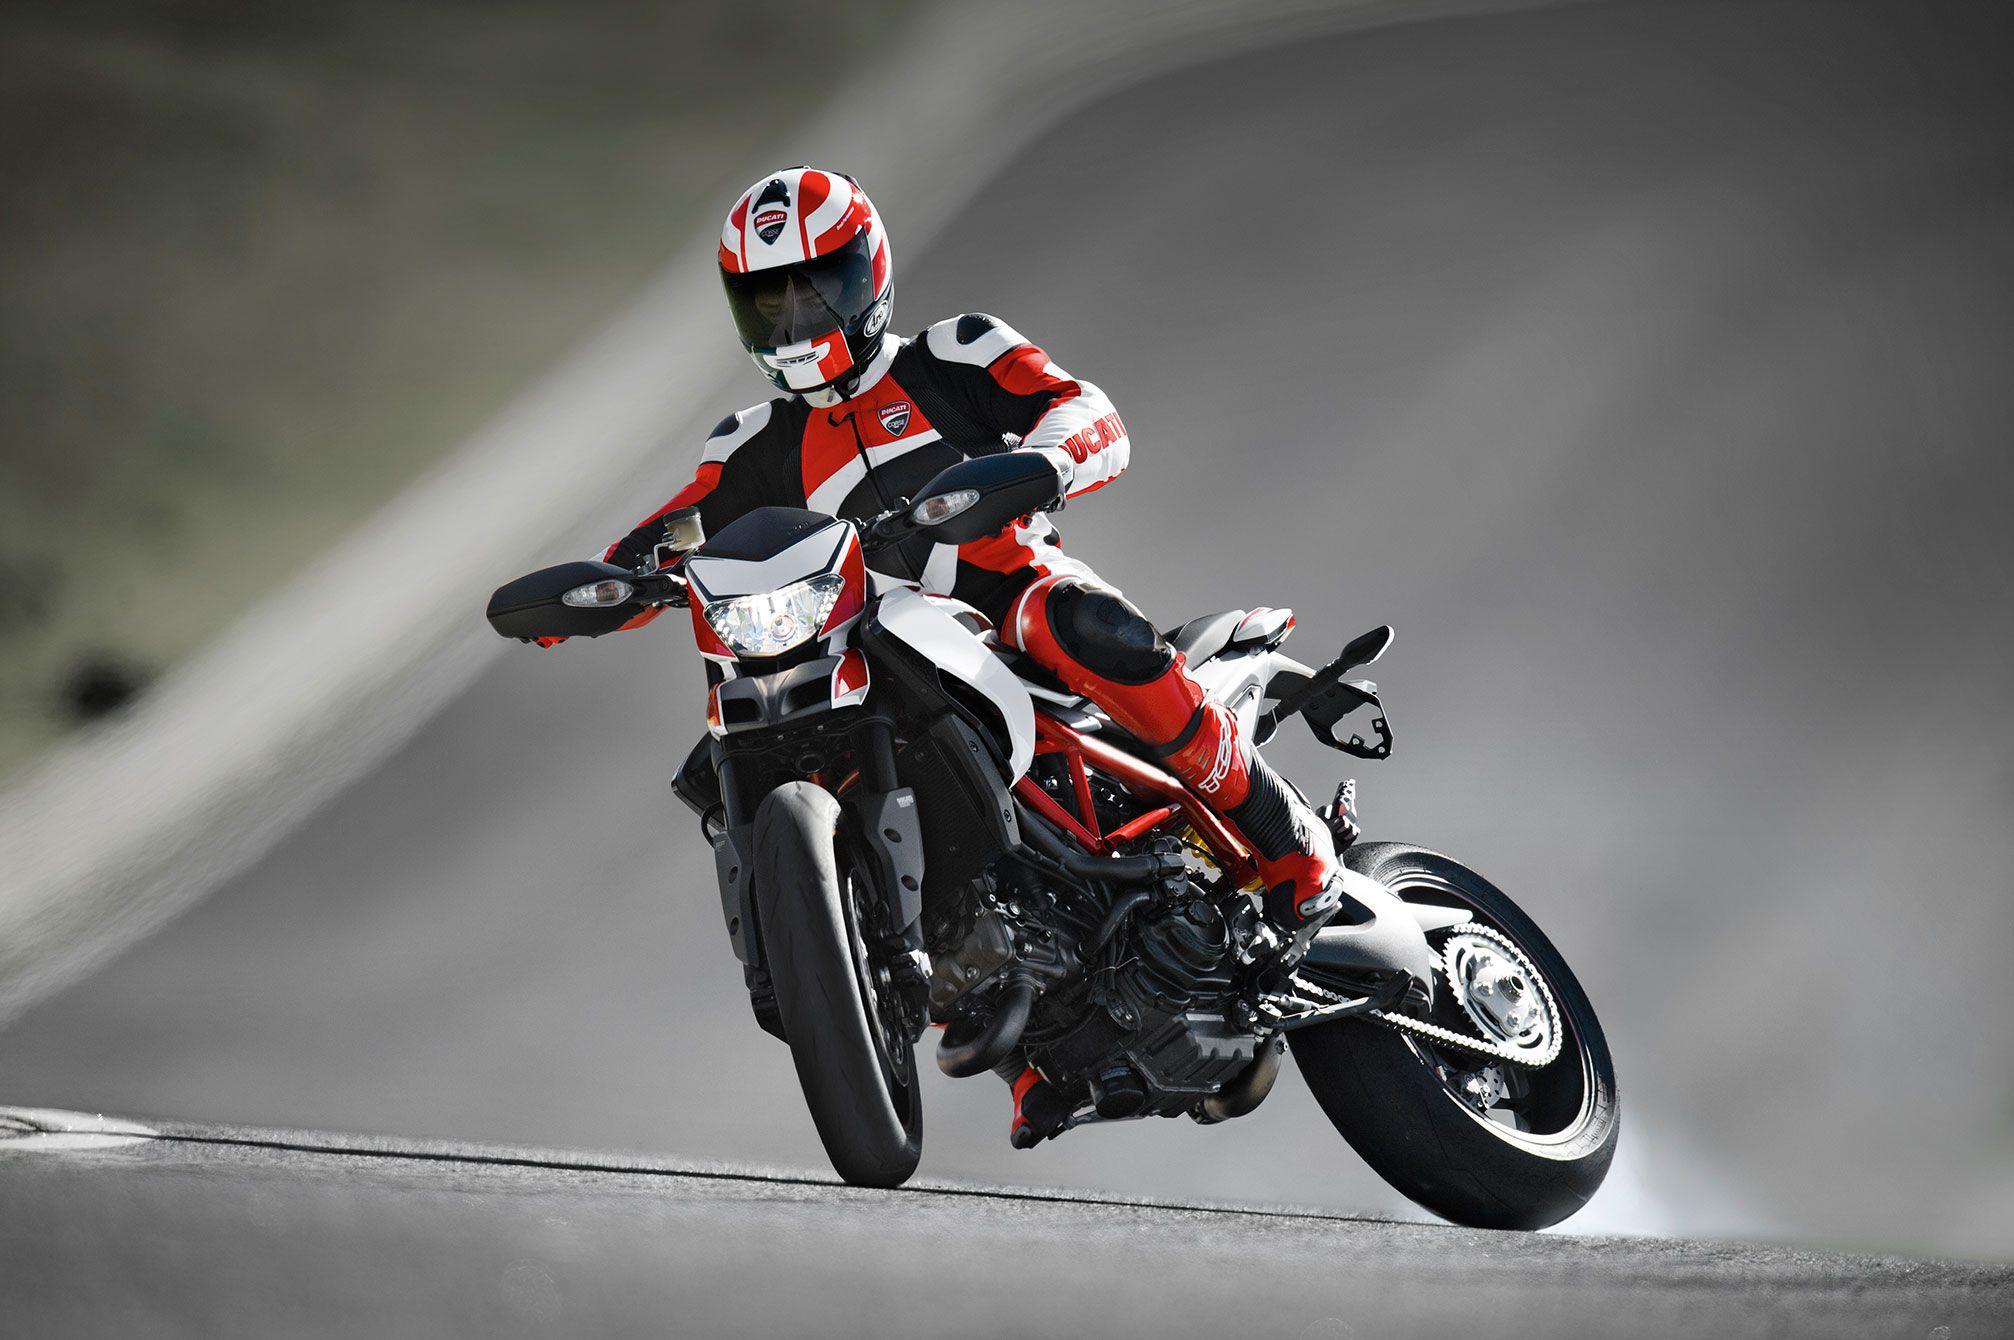 2014 Ducati Hypermotard SP hypermotardsp h wallpaper